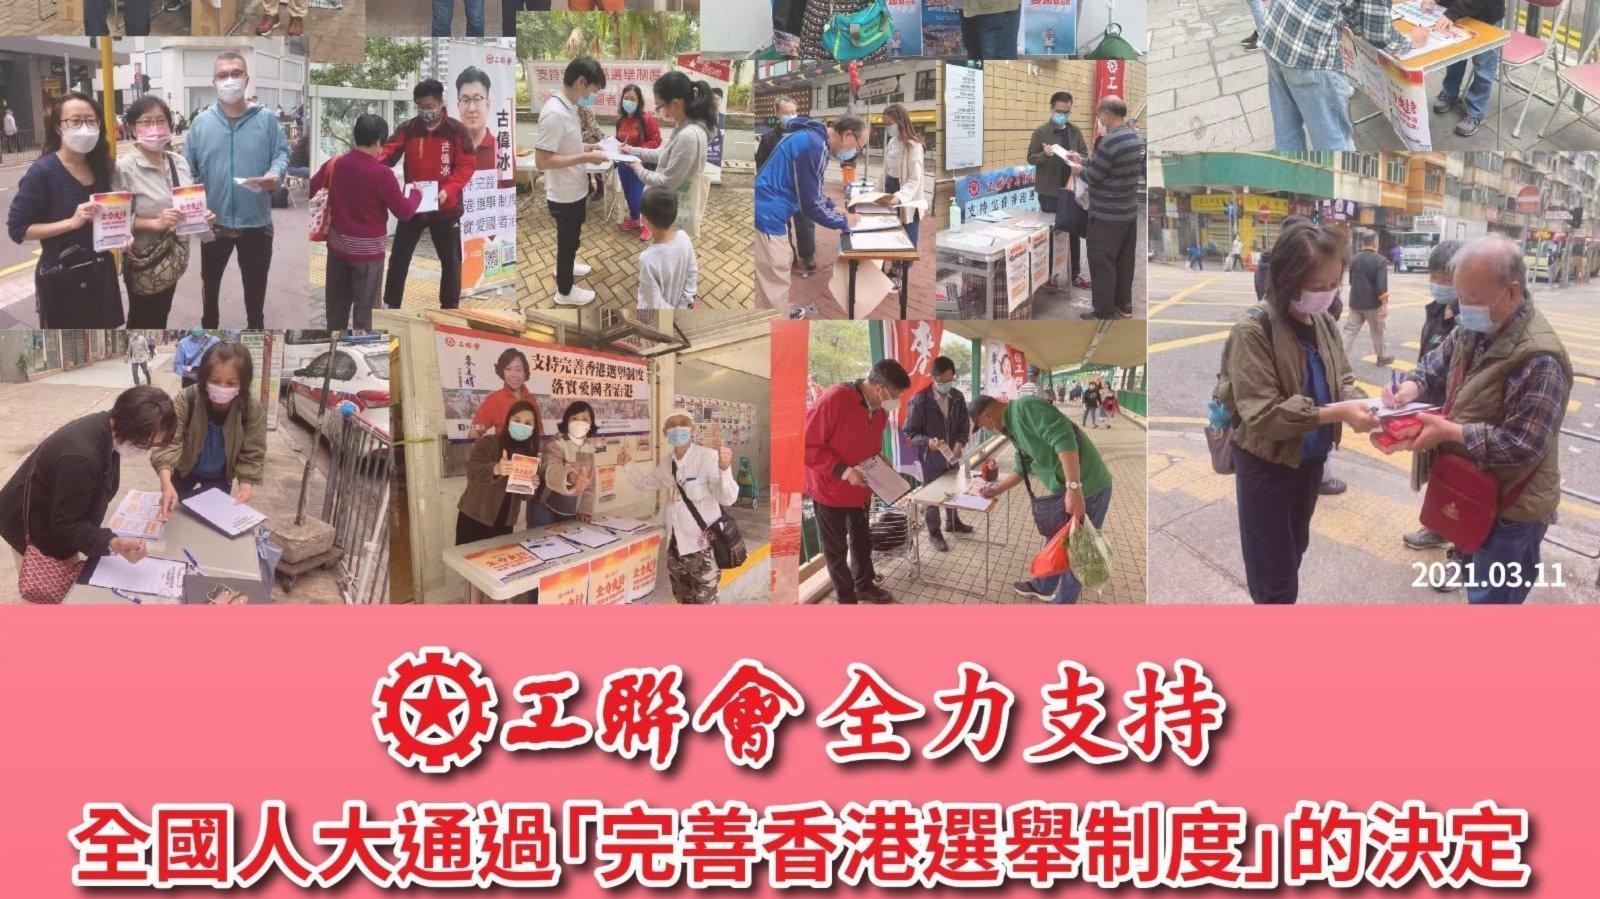 工聯會:全力支持完善香港選舉制度的決定